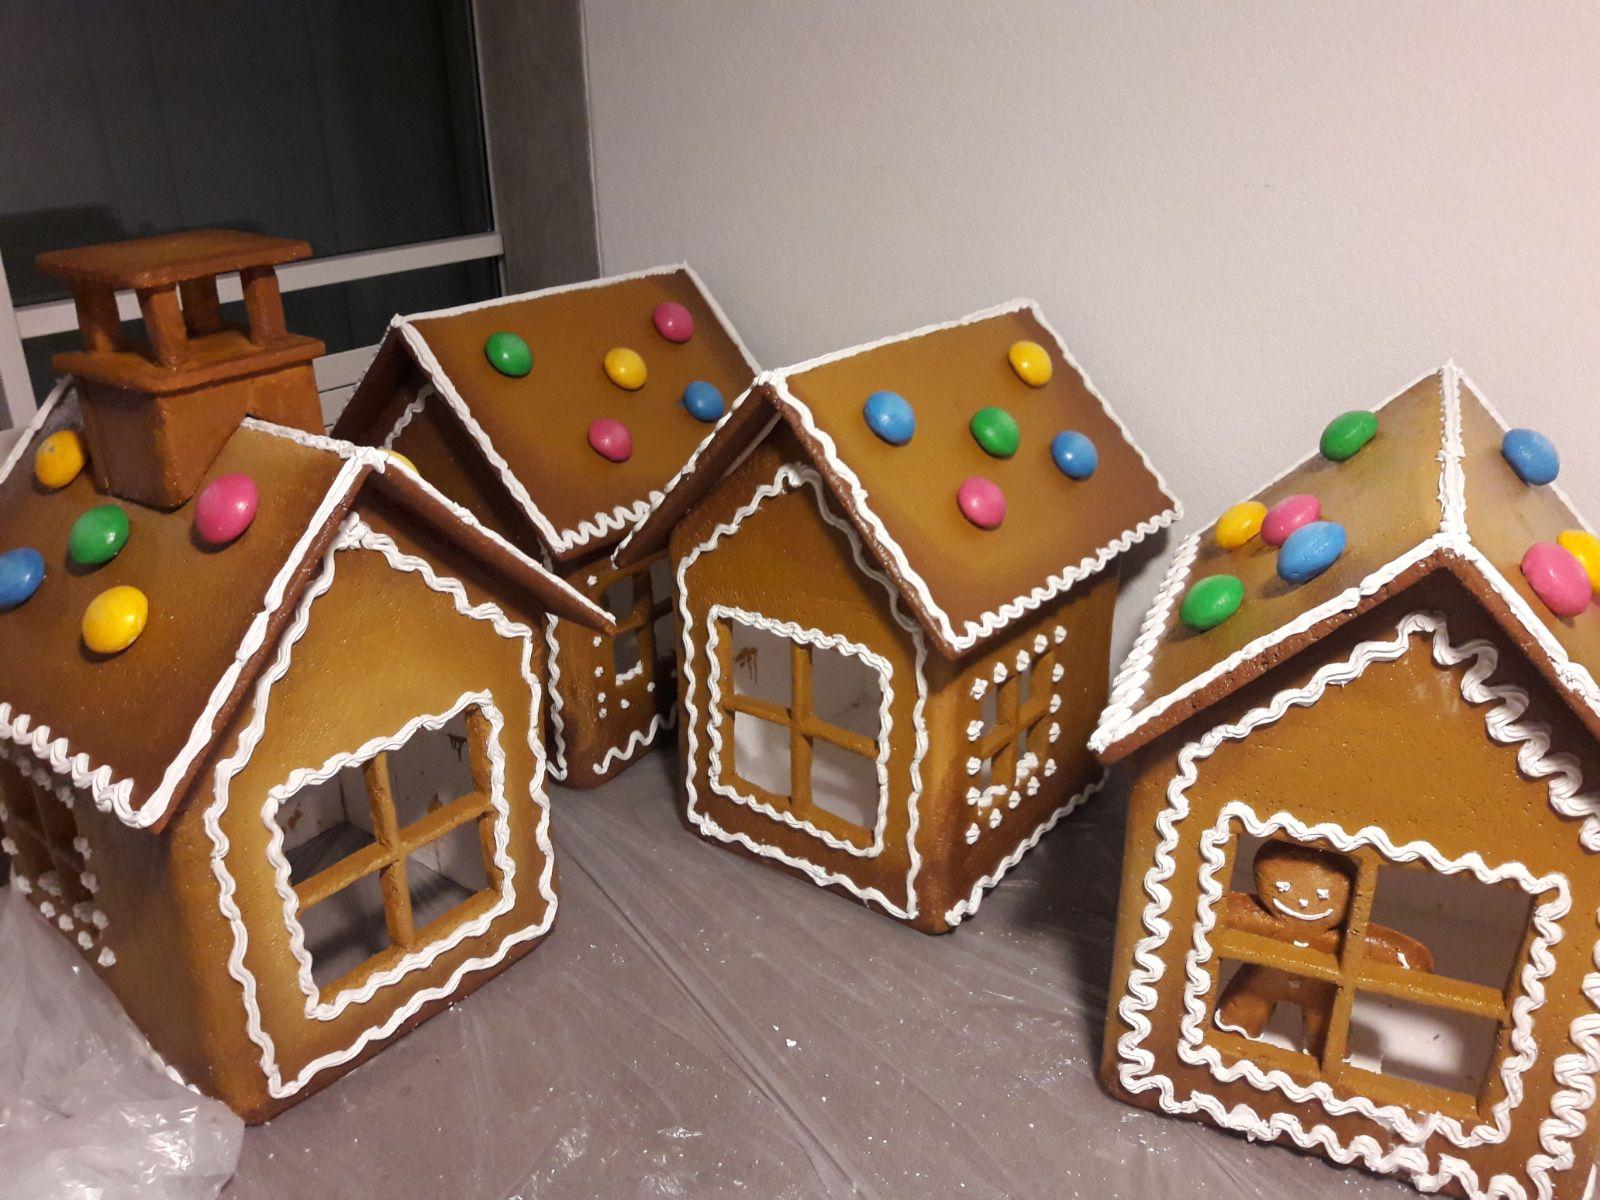 Création-réalisation-sur-mesure-de-maisons-en-pain-d'épices